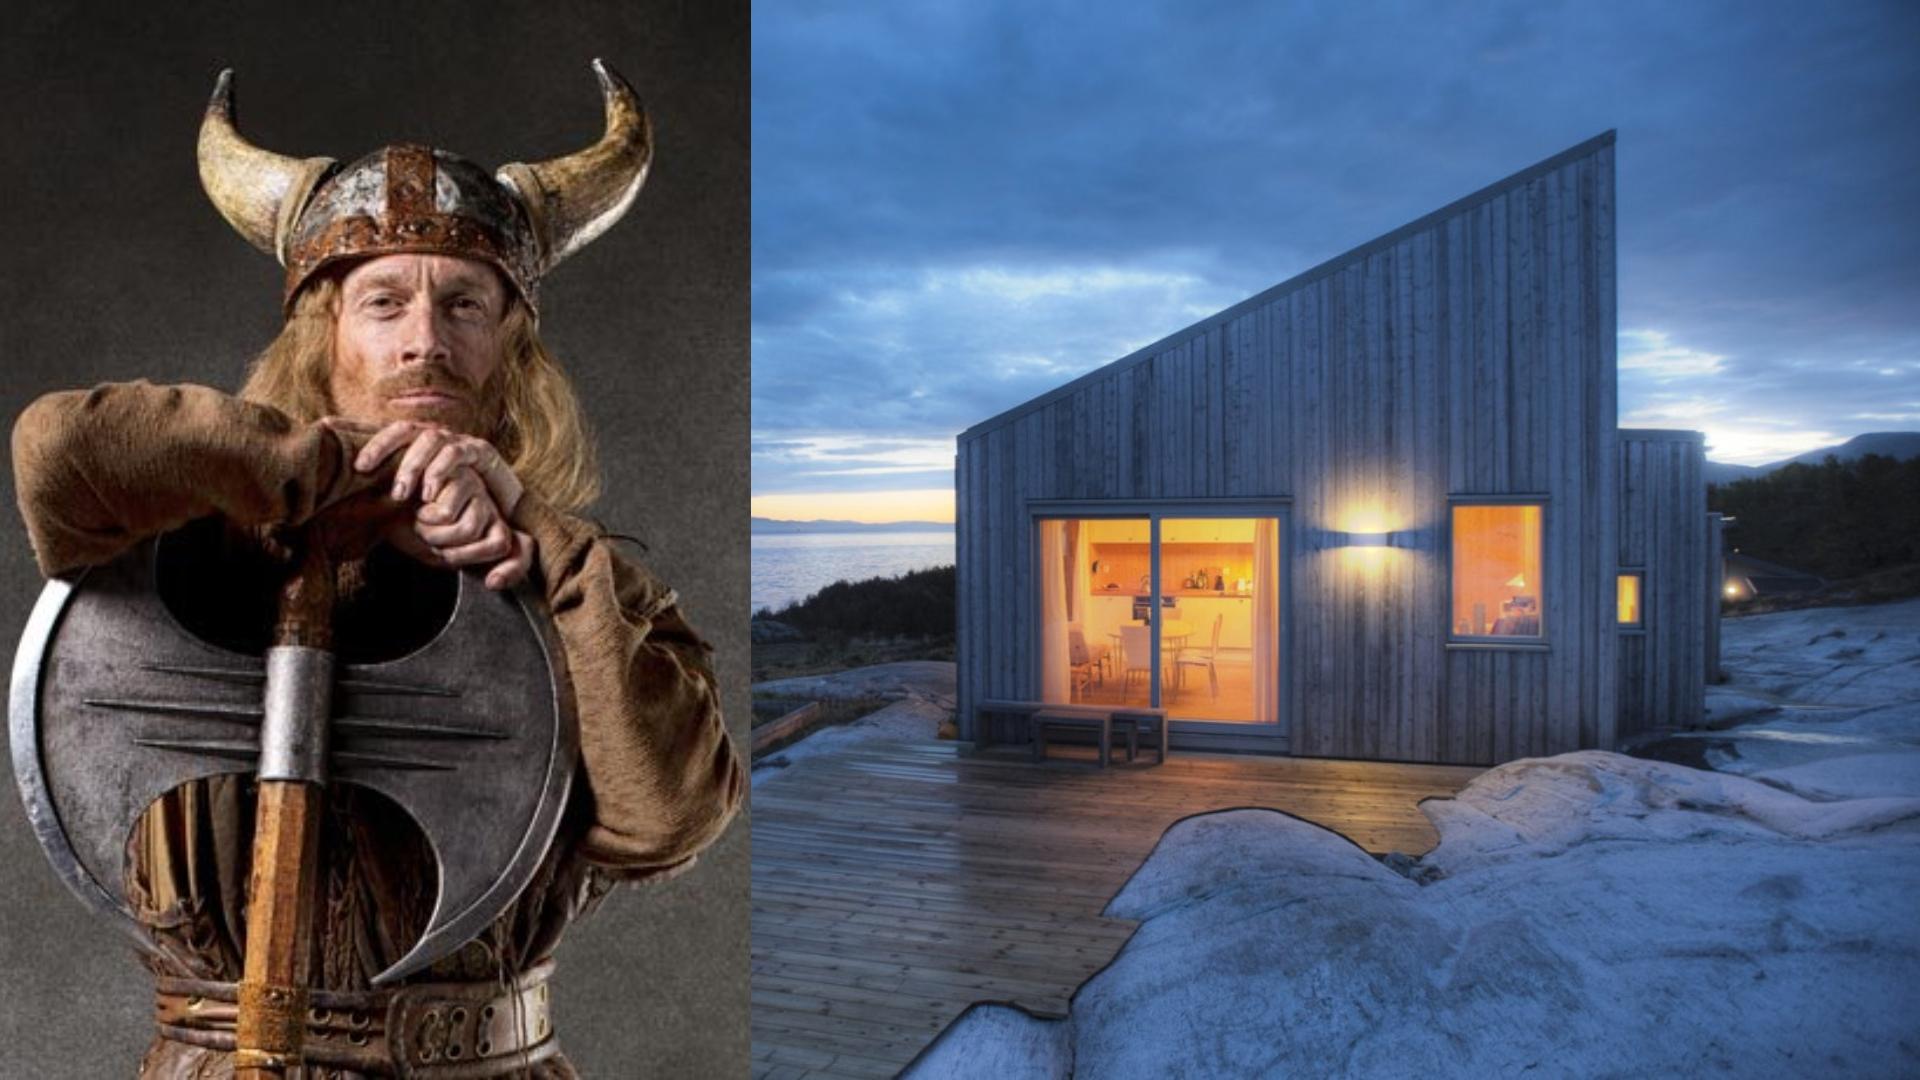 ⚔Дома современных викингов: скандинавский стиль в интерьере частного дома, гармония с природой и комфорт